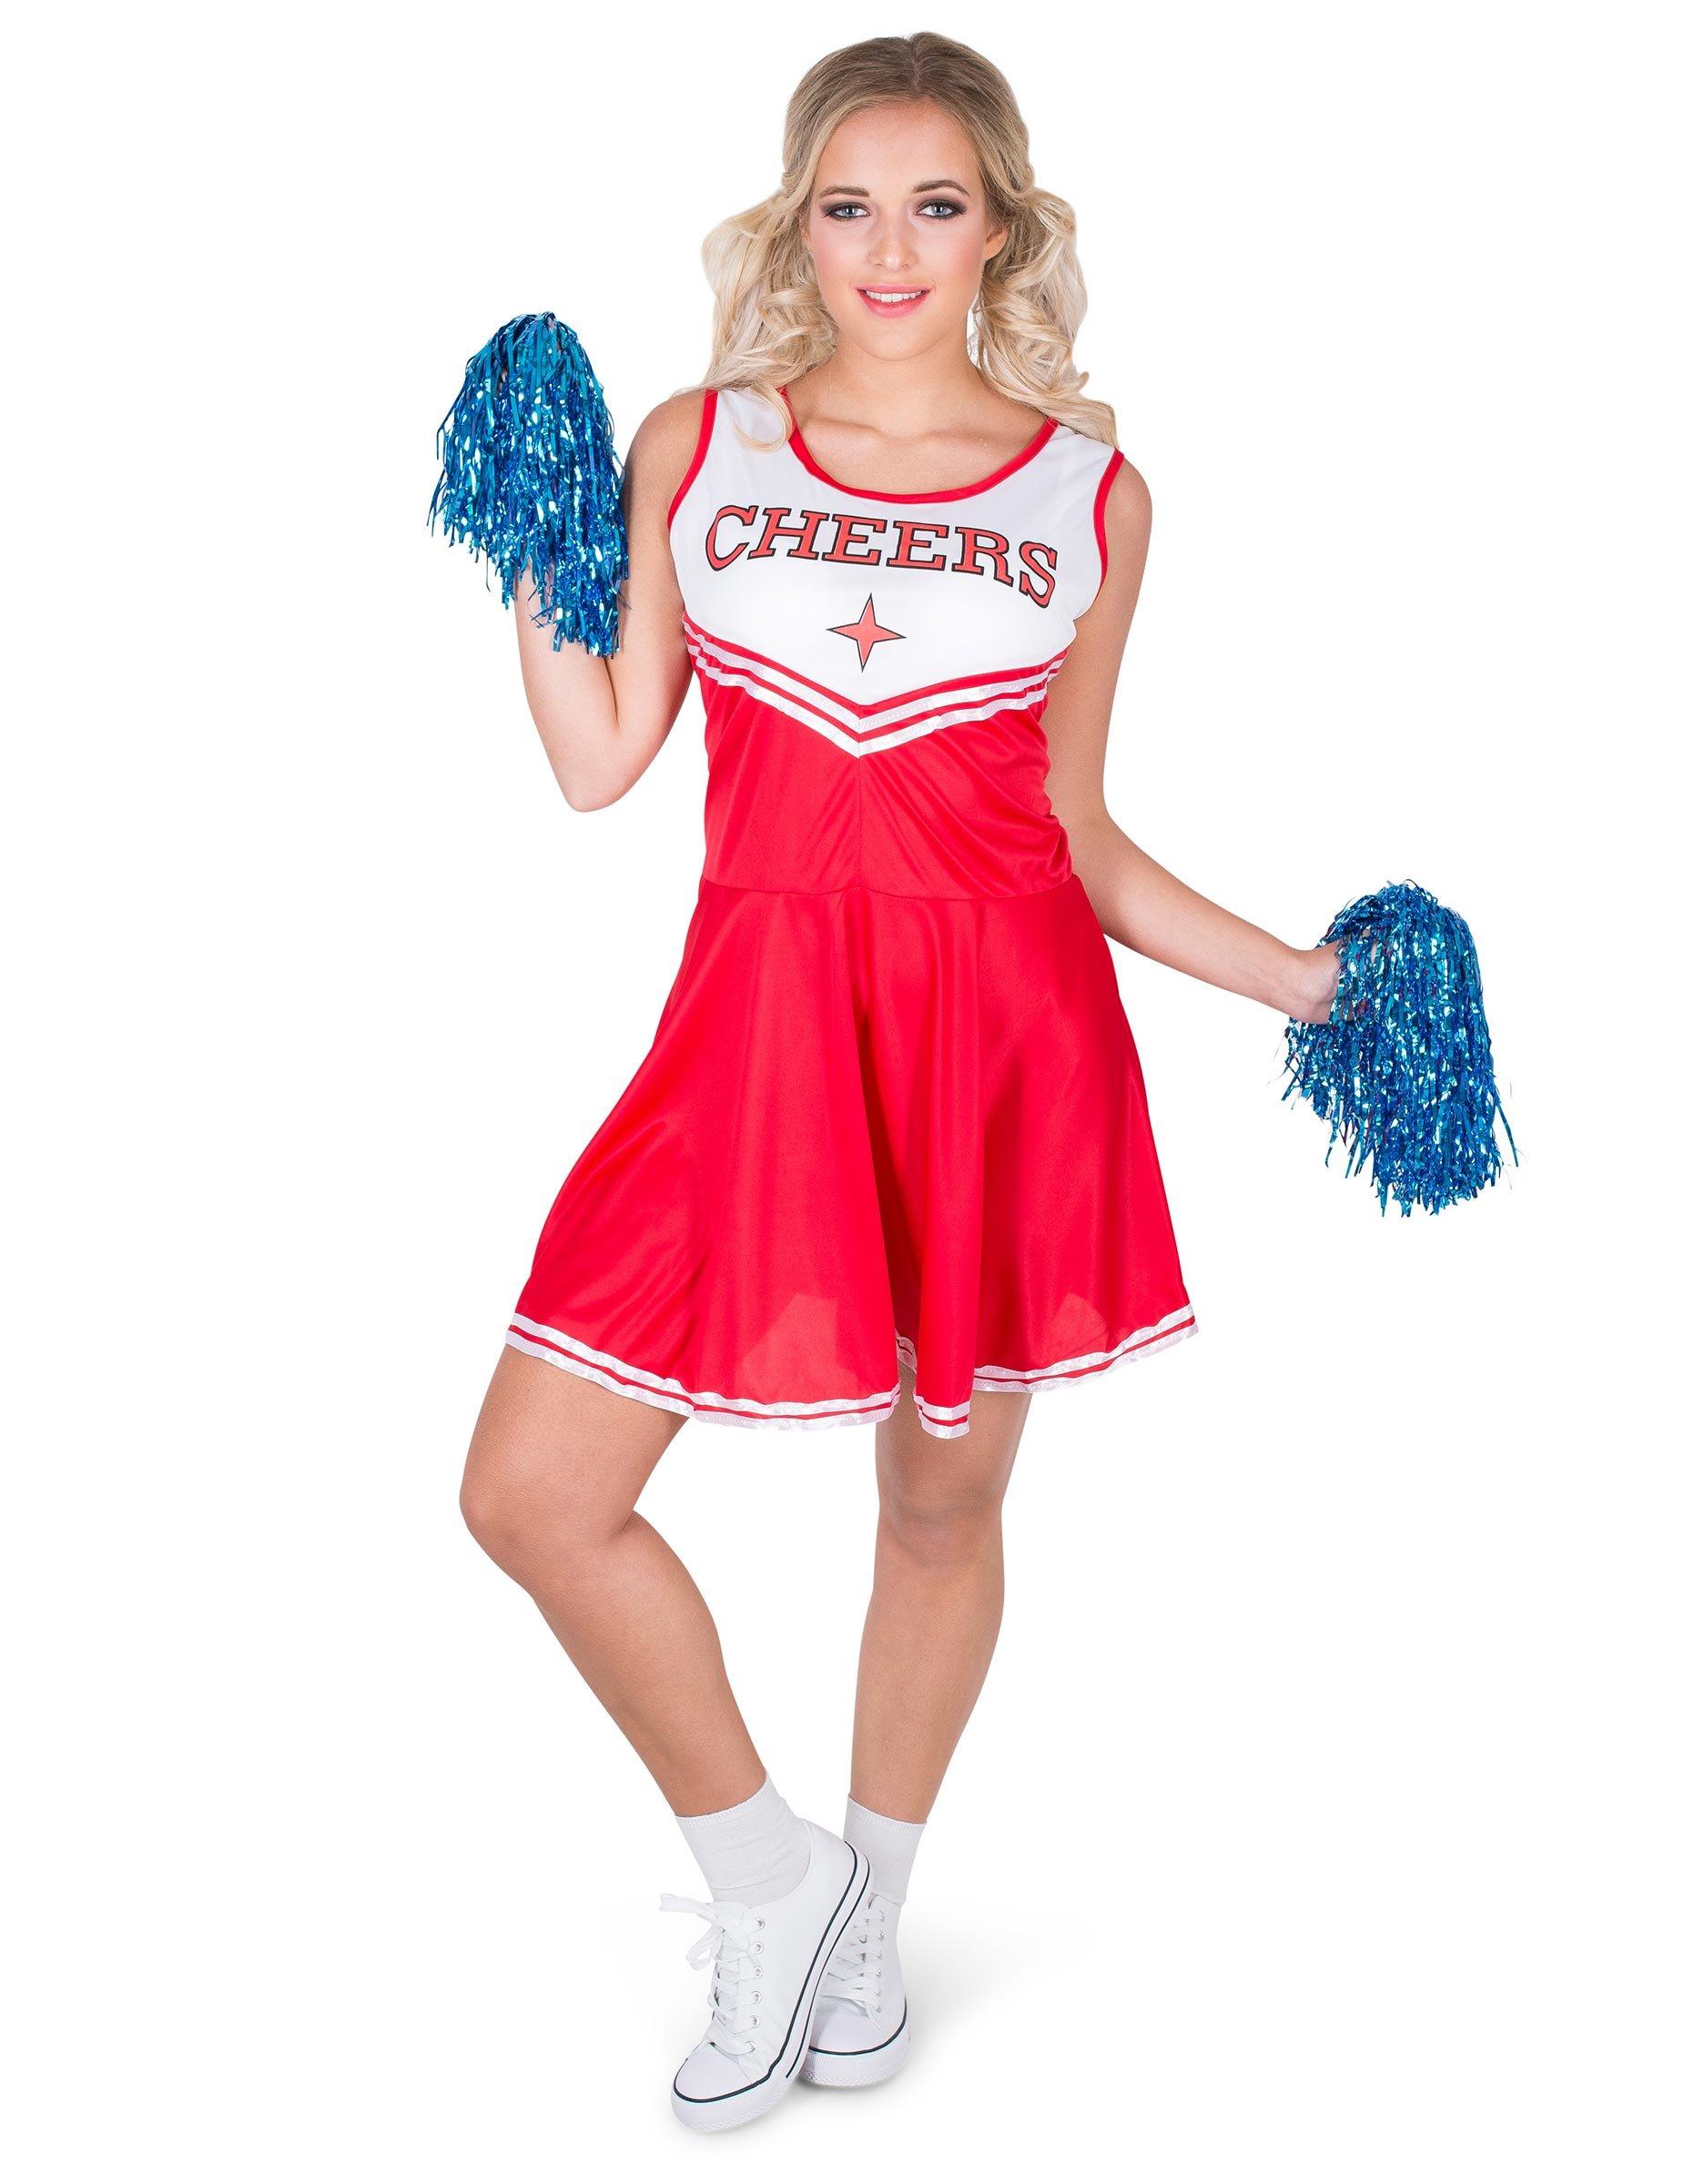 Cheerleader Kostüm für Damen rot - XL 270124